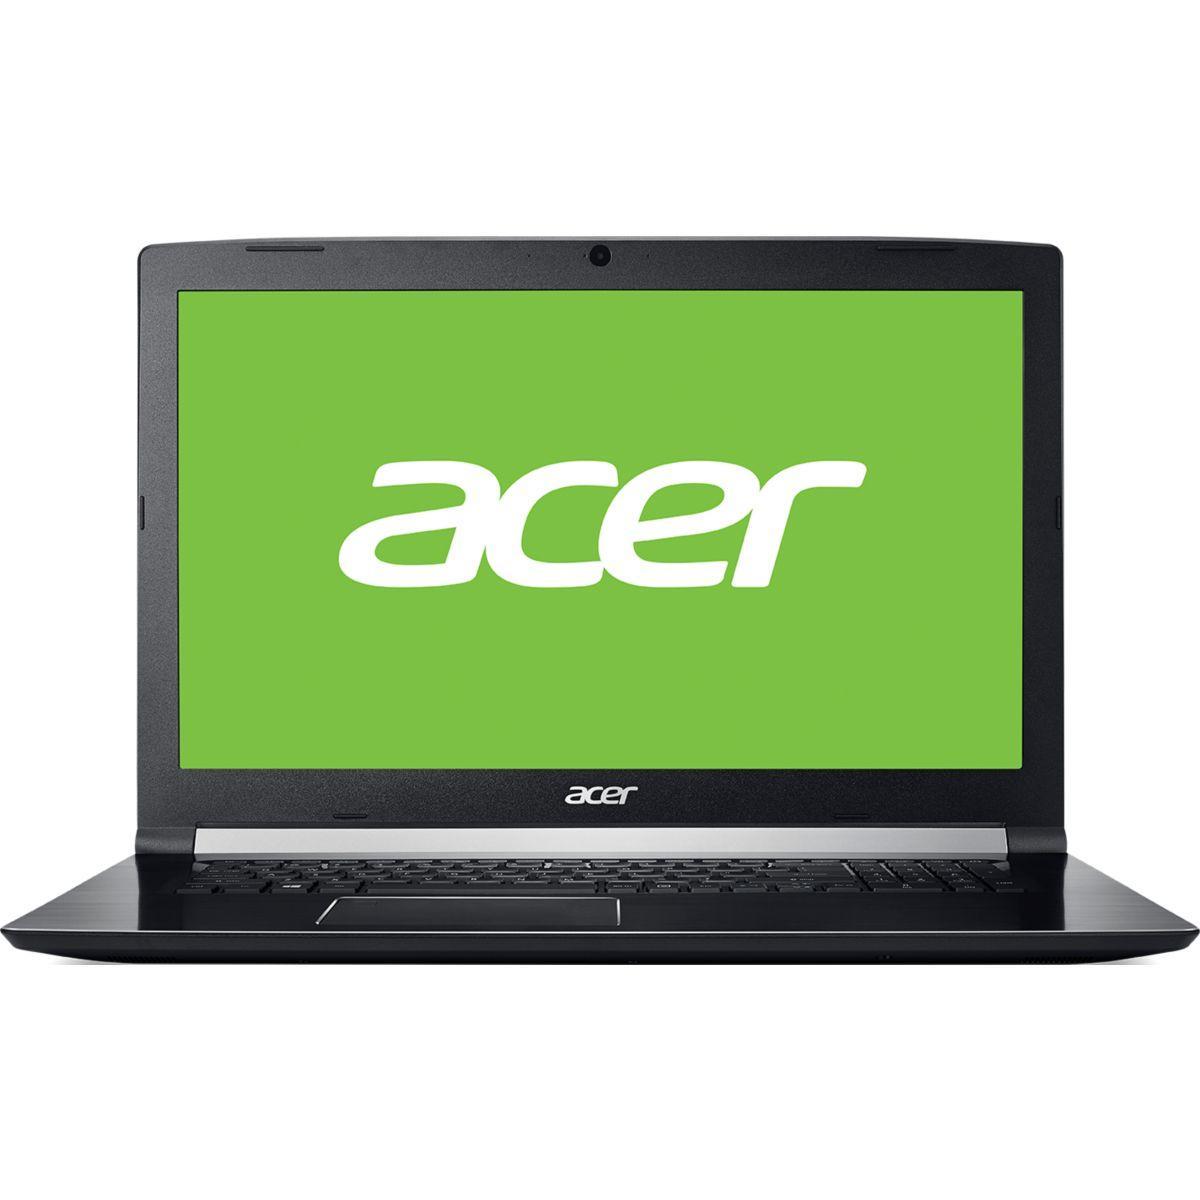 Portable acer aspire a717-71g-73ln - livraison offerte avec le code nouveaute (photo)